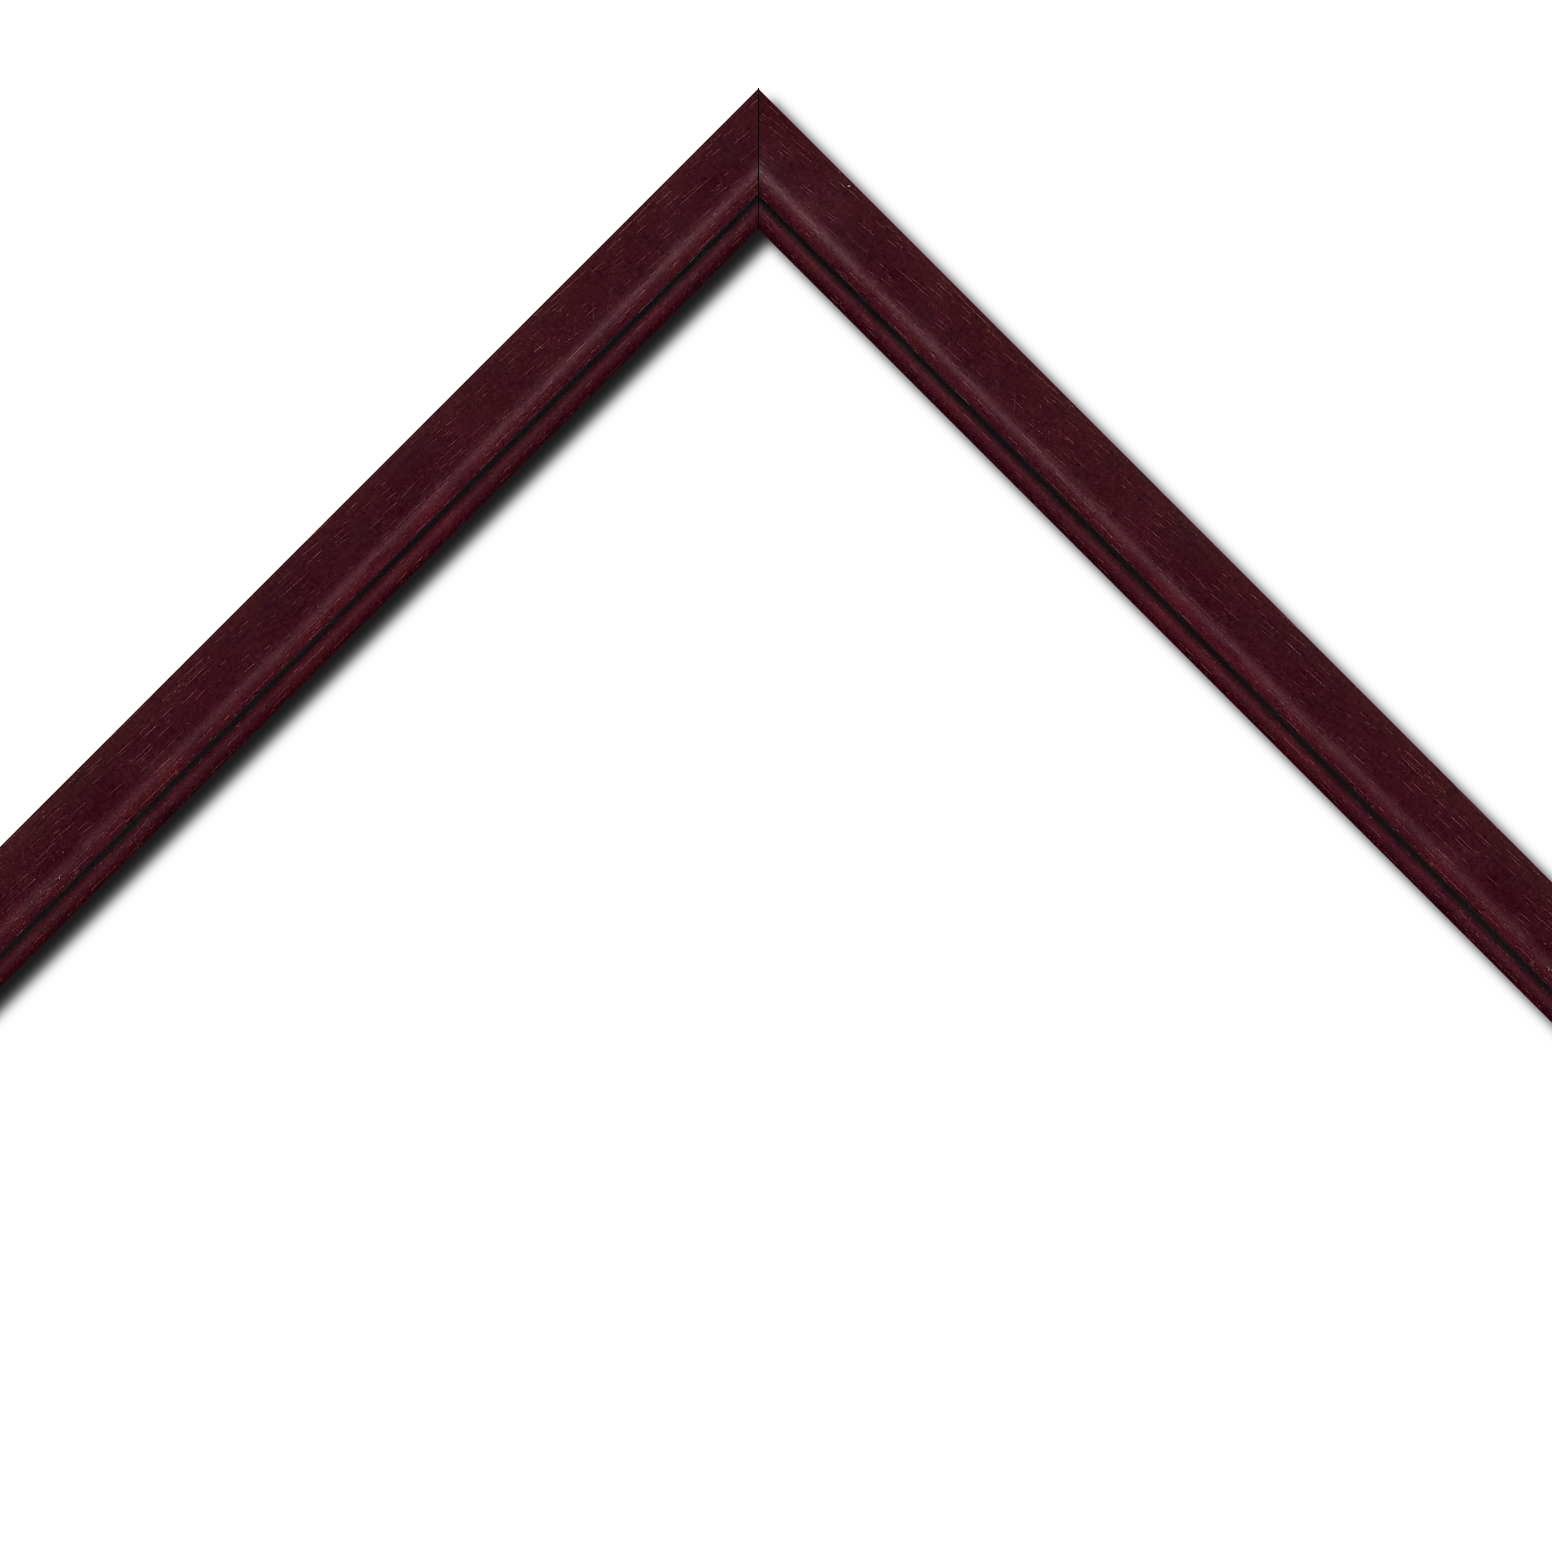 Baguette bois profil bombé largeur 2.4cm couleur bordeaux lie de vin filet noir